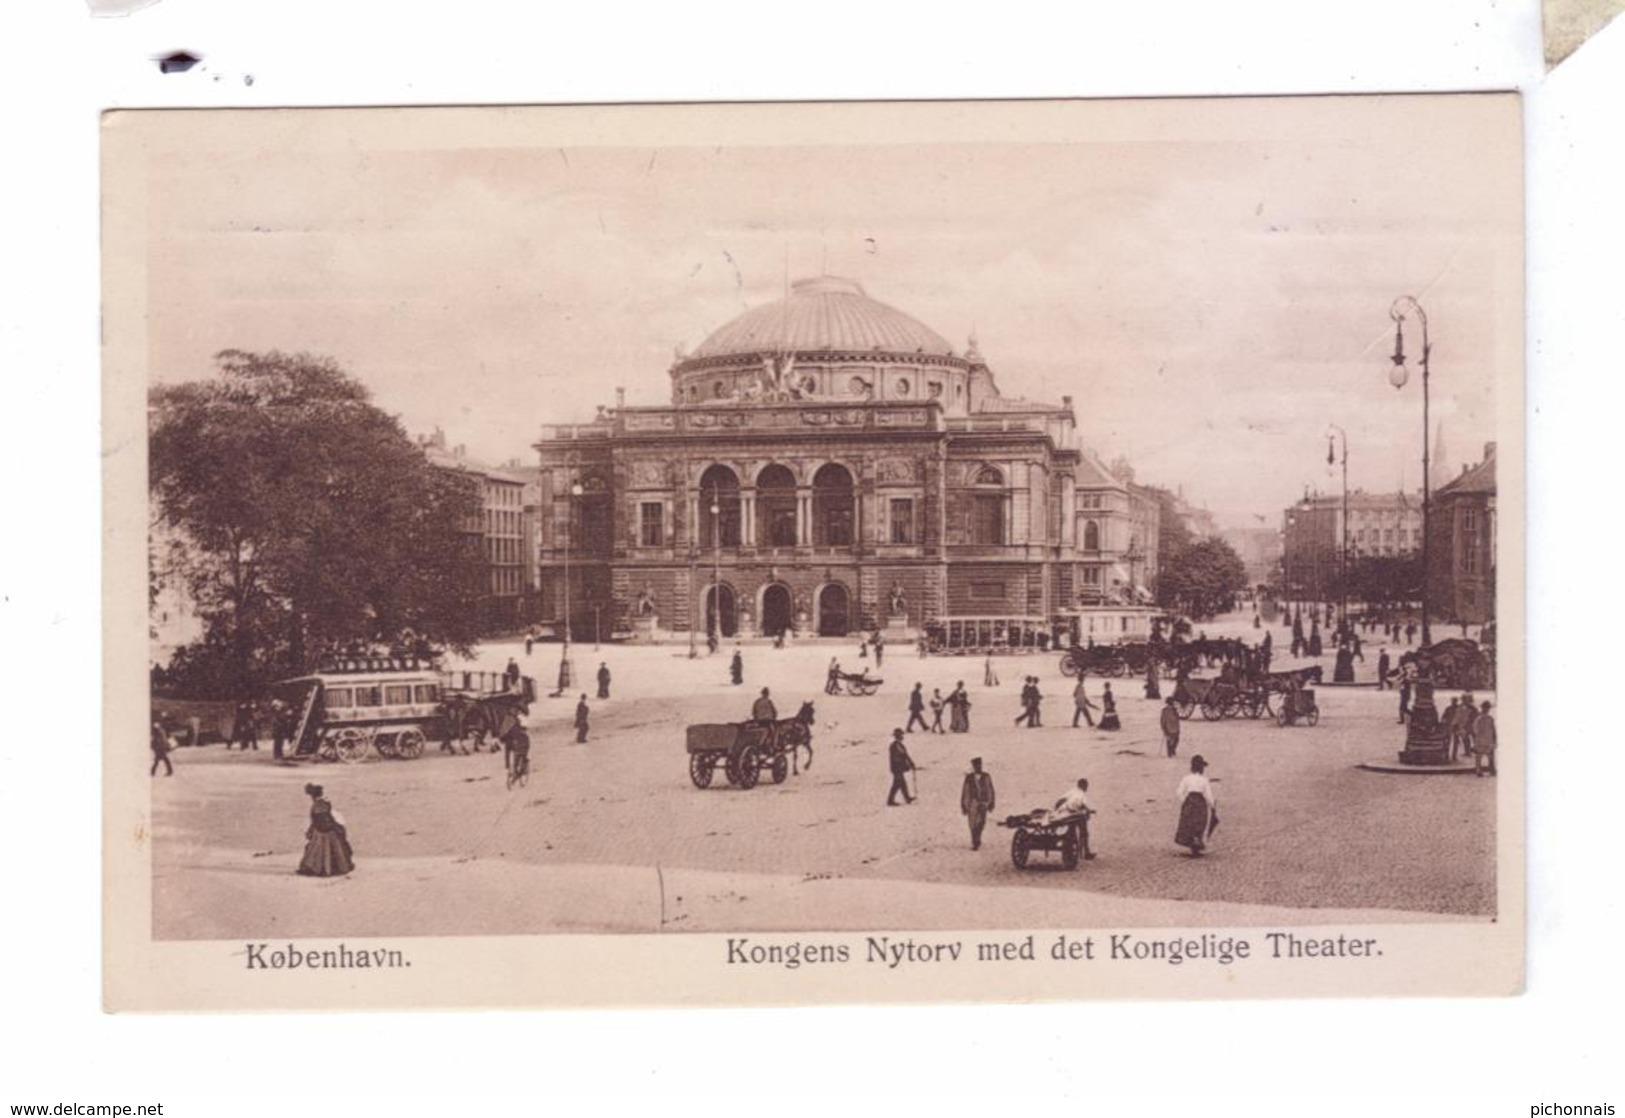 KJOBENHAVN Kobenhan  Copenhagen Kongens Nytorv Med Det Kongelige Theater - Danemark